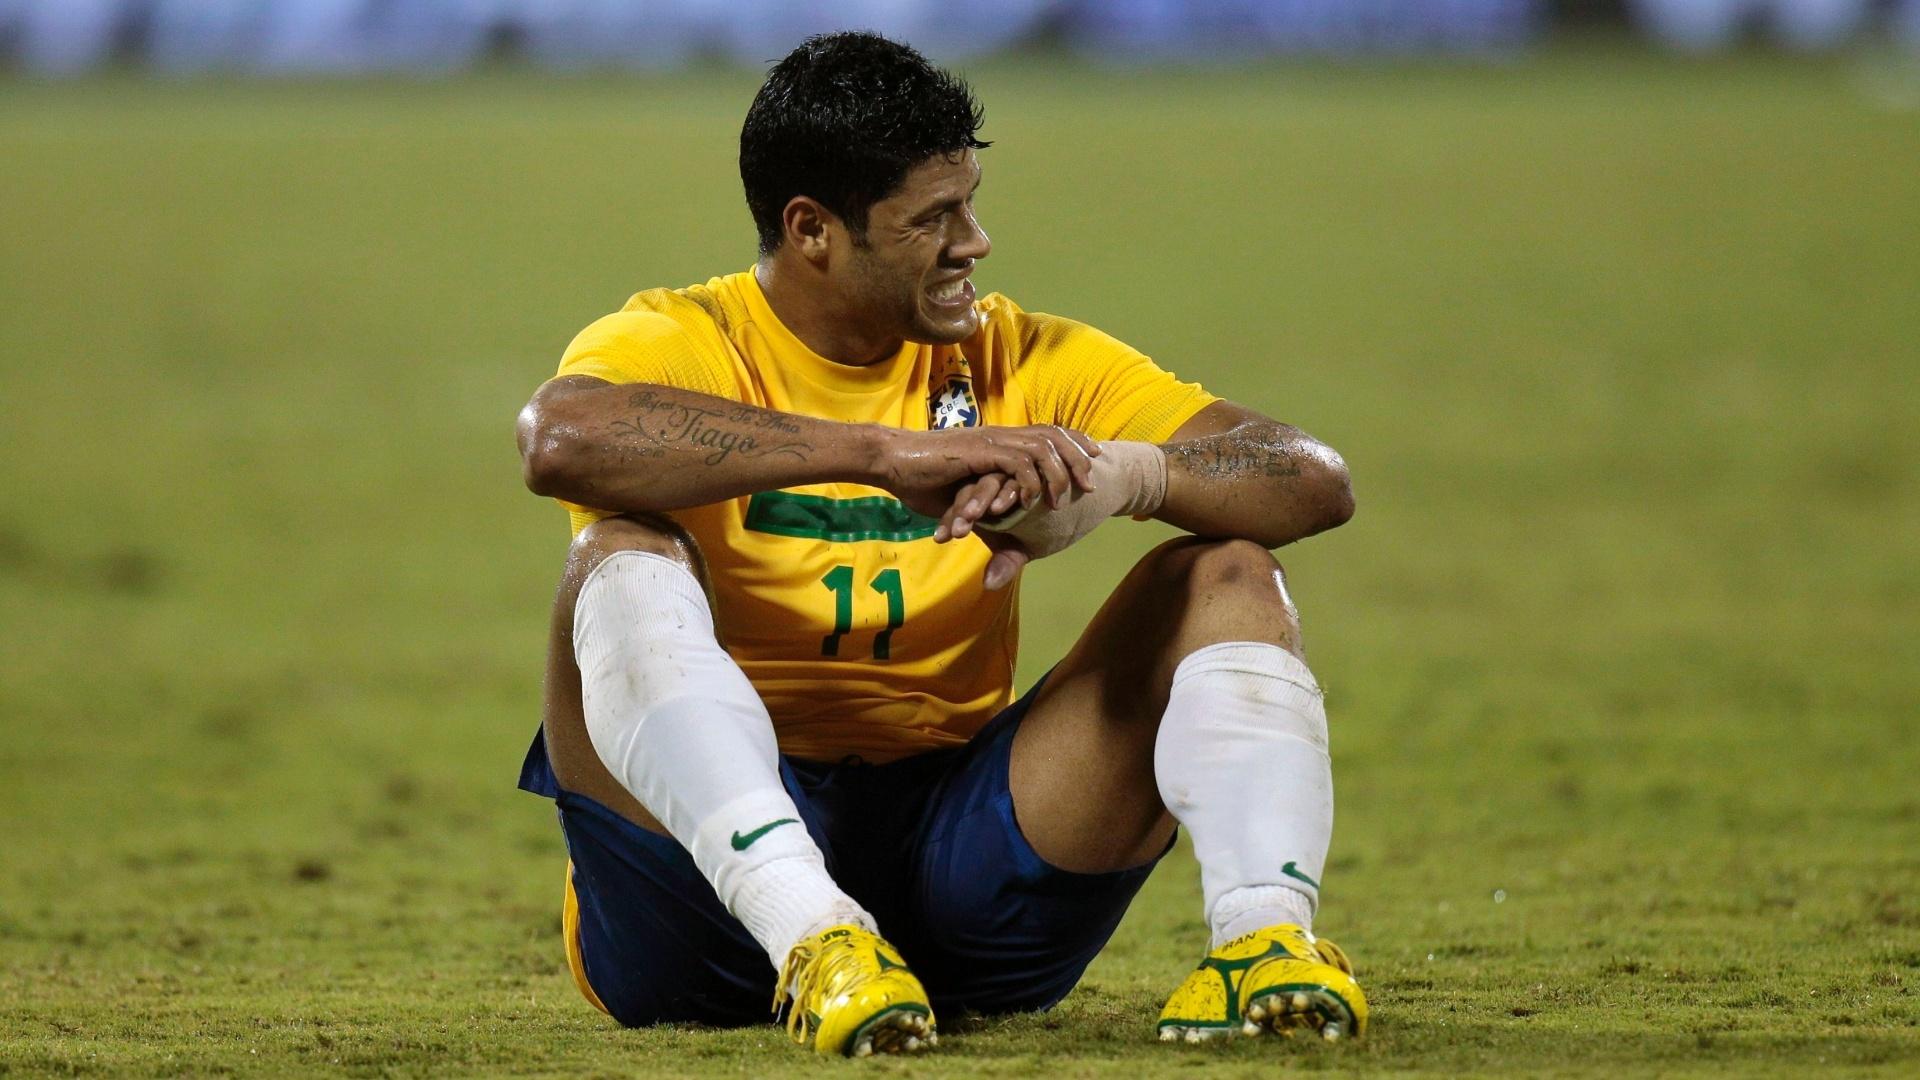 Sentado no chão, atacante Hulk lamenta lance durante amistoso entre Brasil e Egito